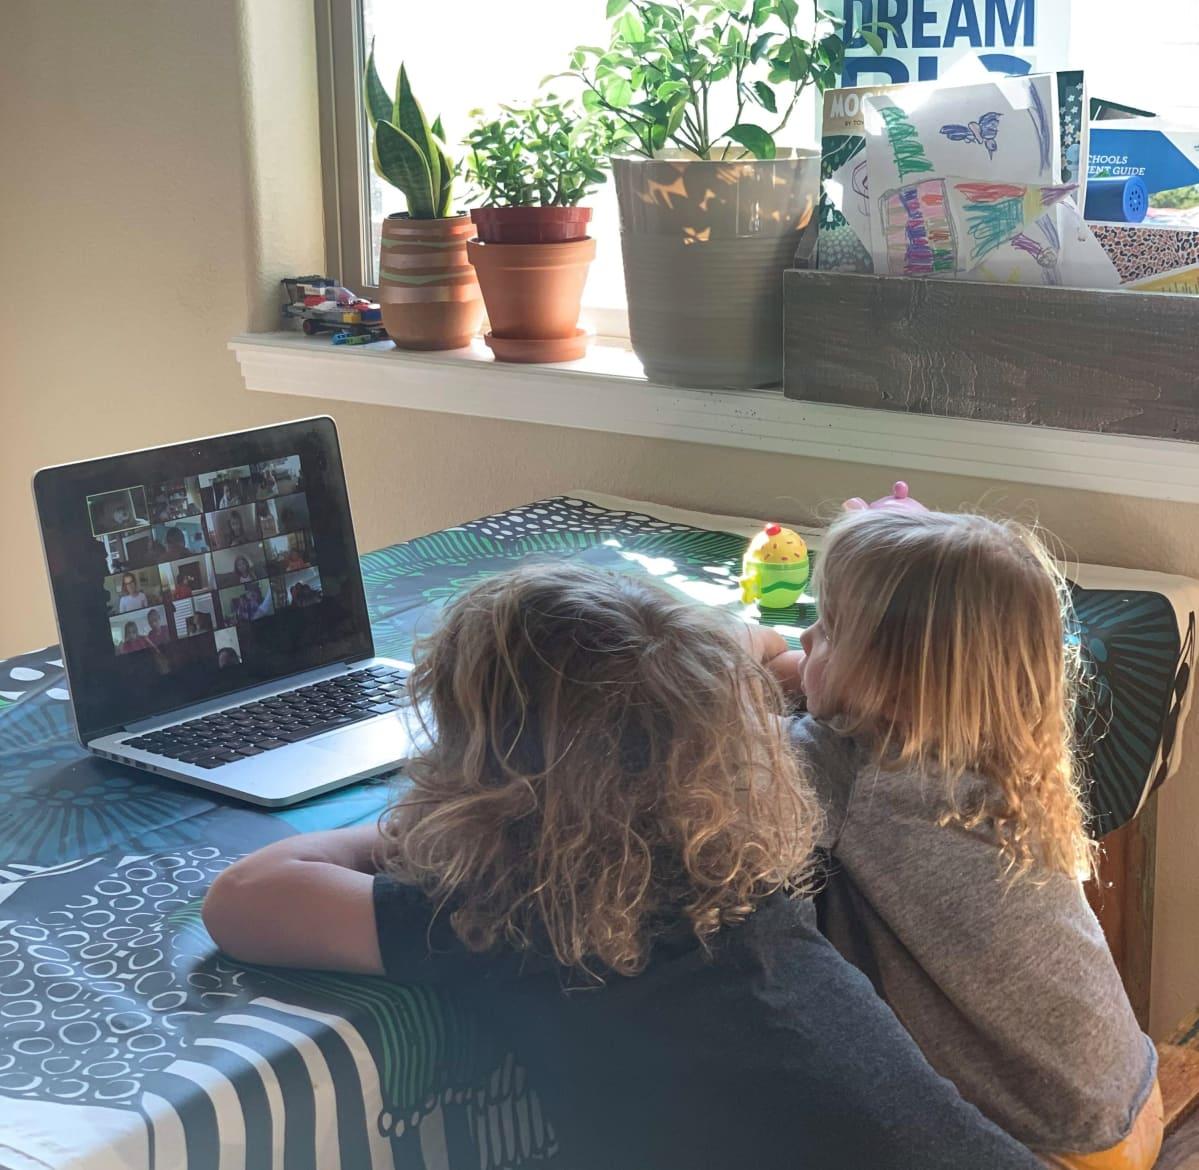 Lapsia tietokoneen ääressä